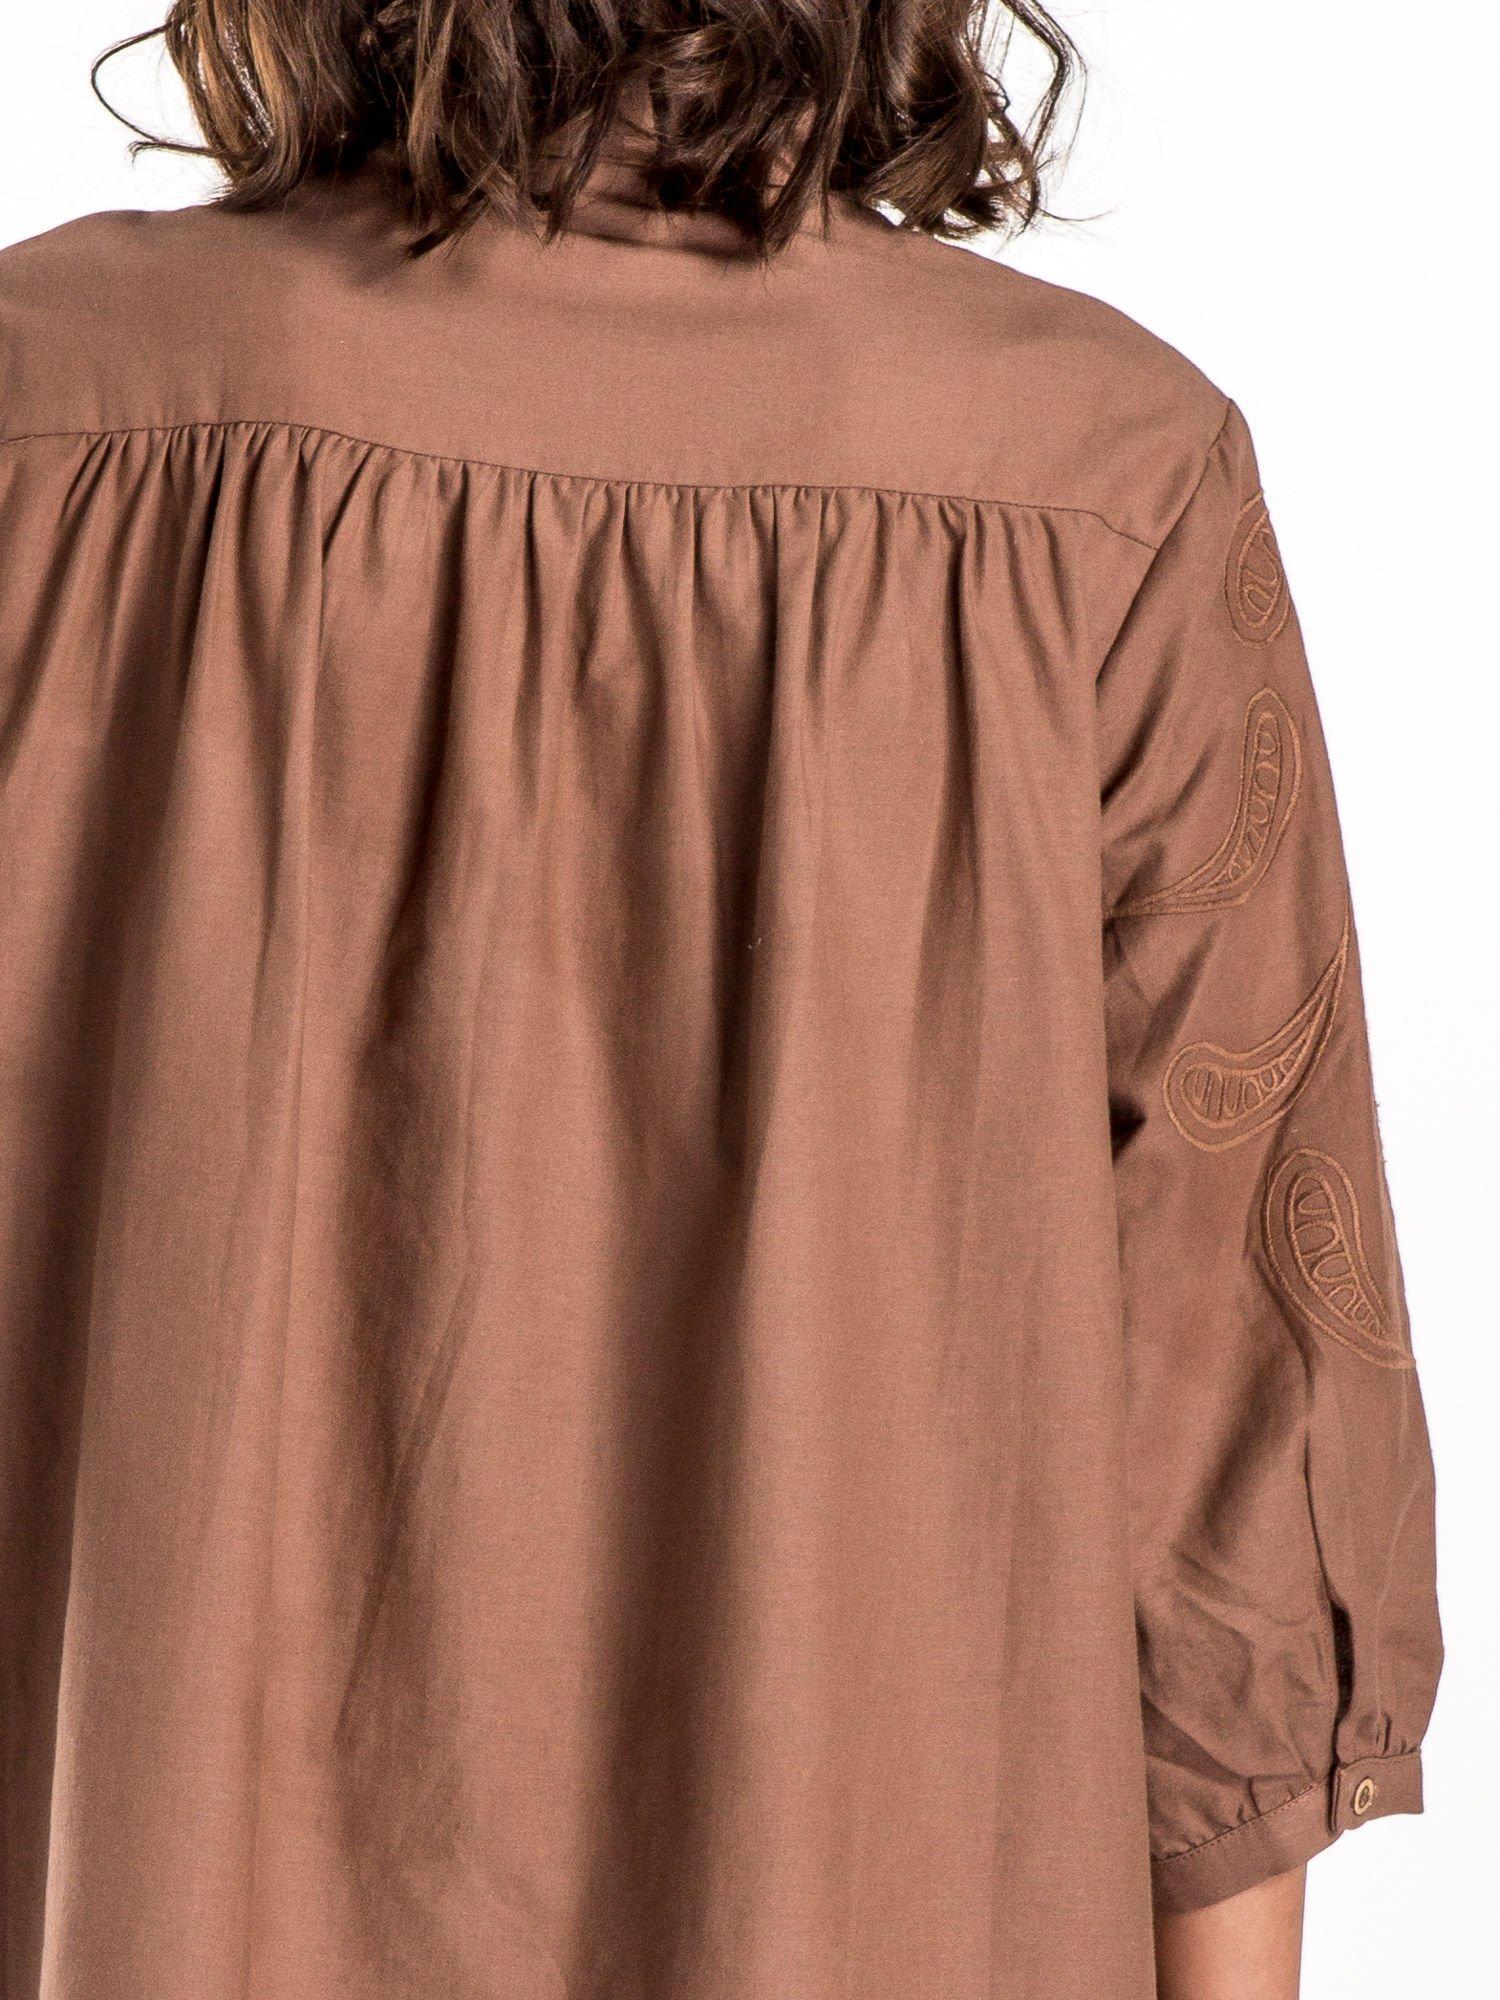 Ciemnobeżowa koszula z szerszymi rękawami                                  zdj.                                  5